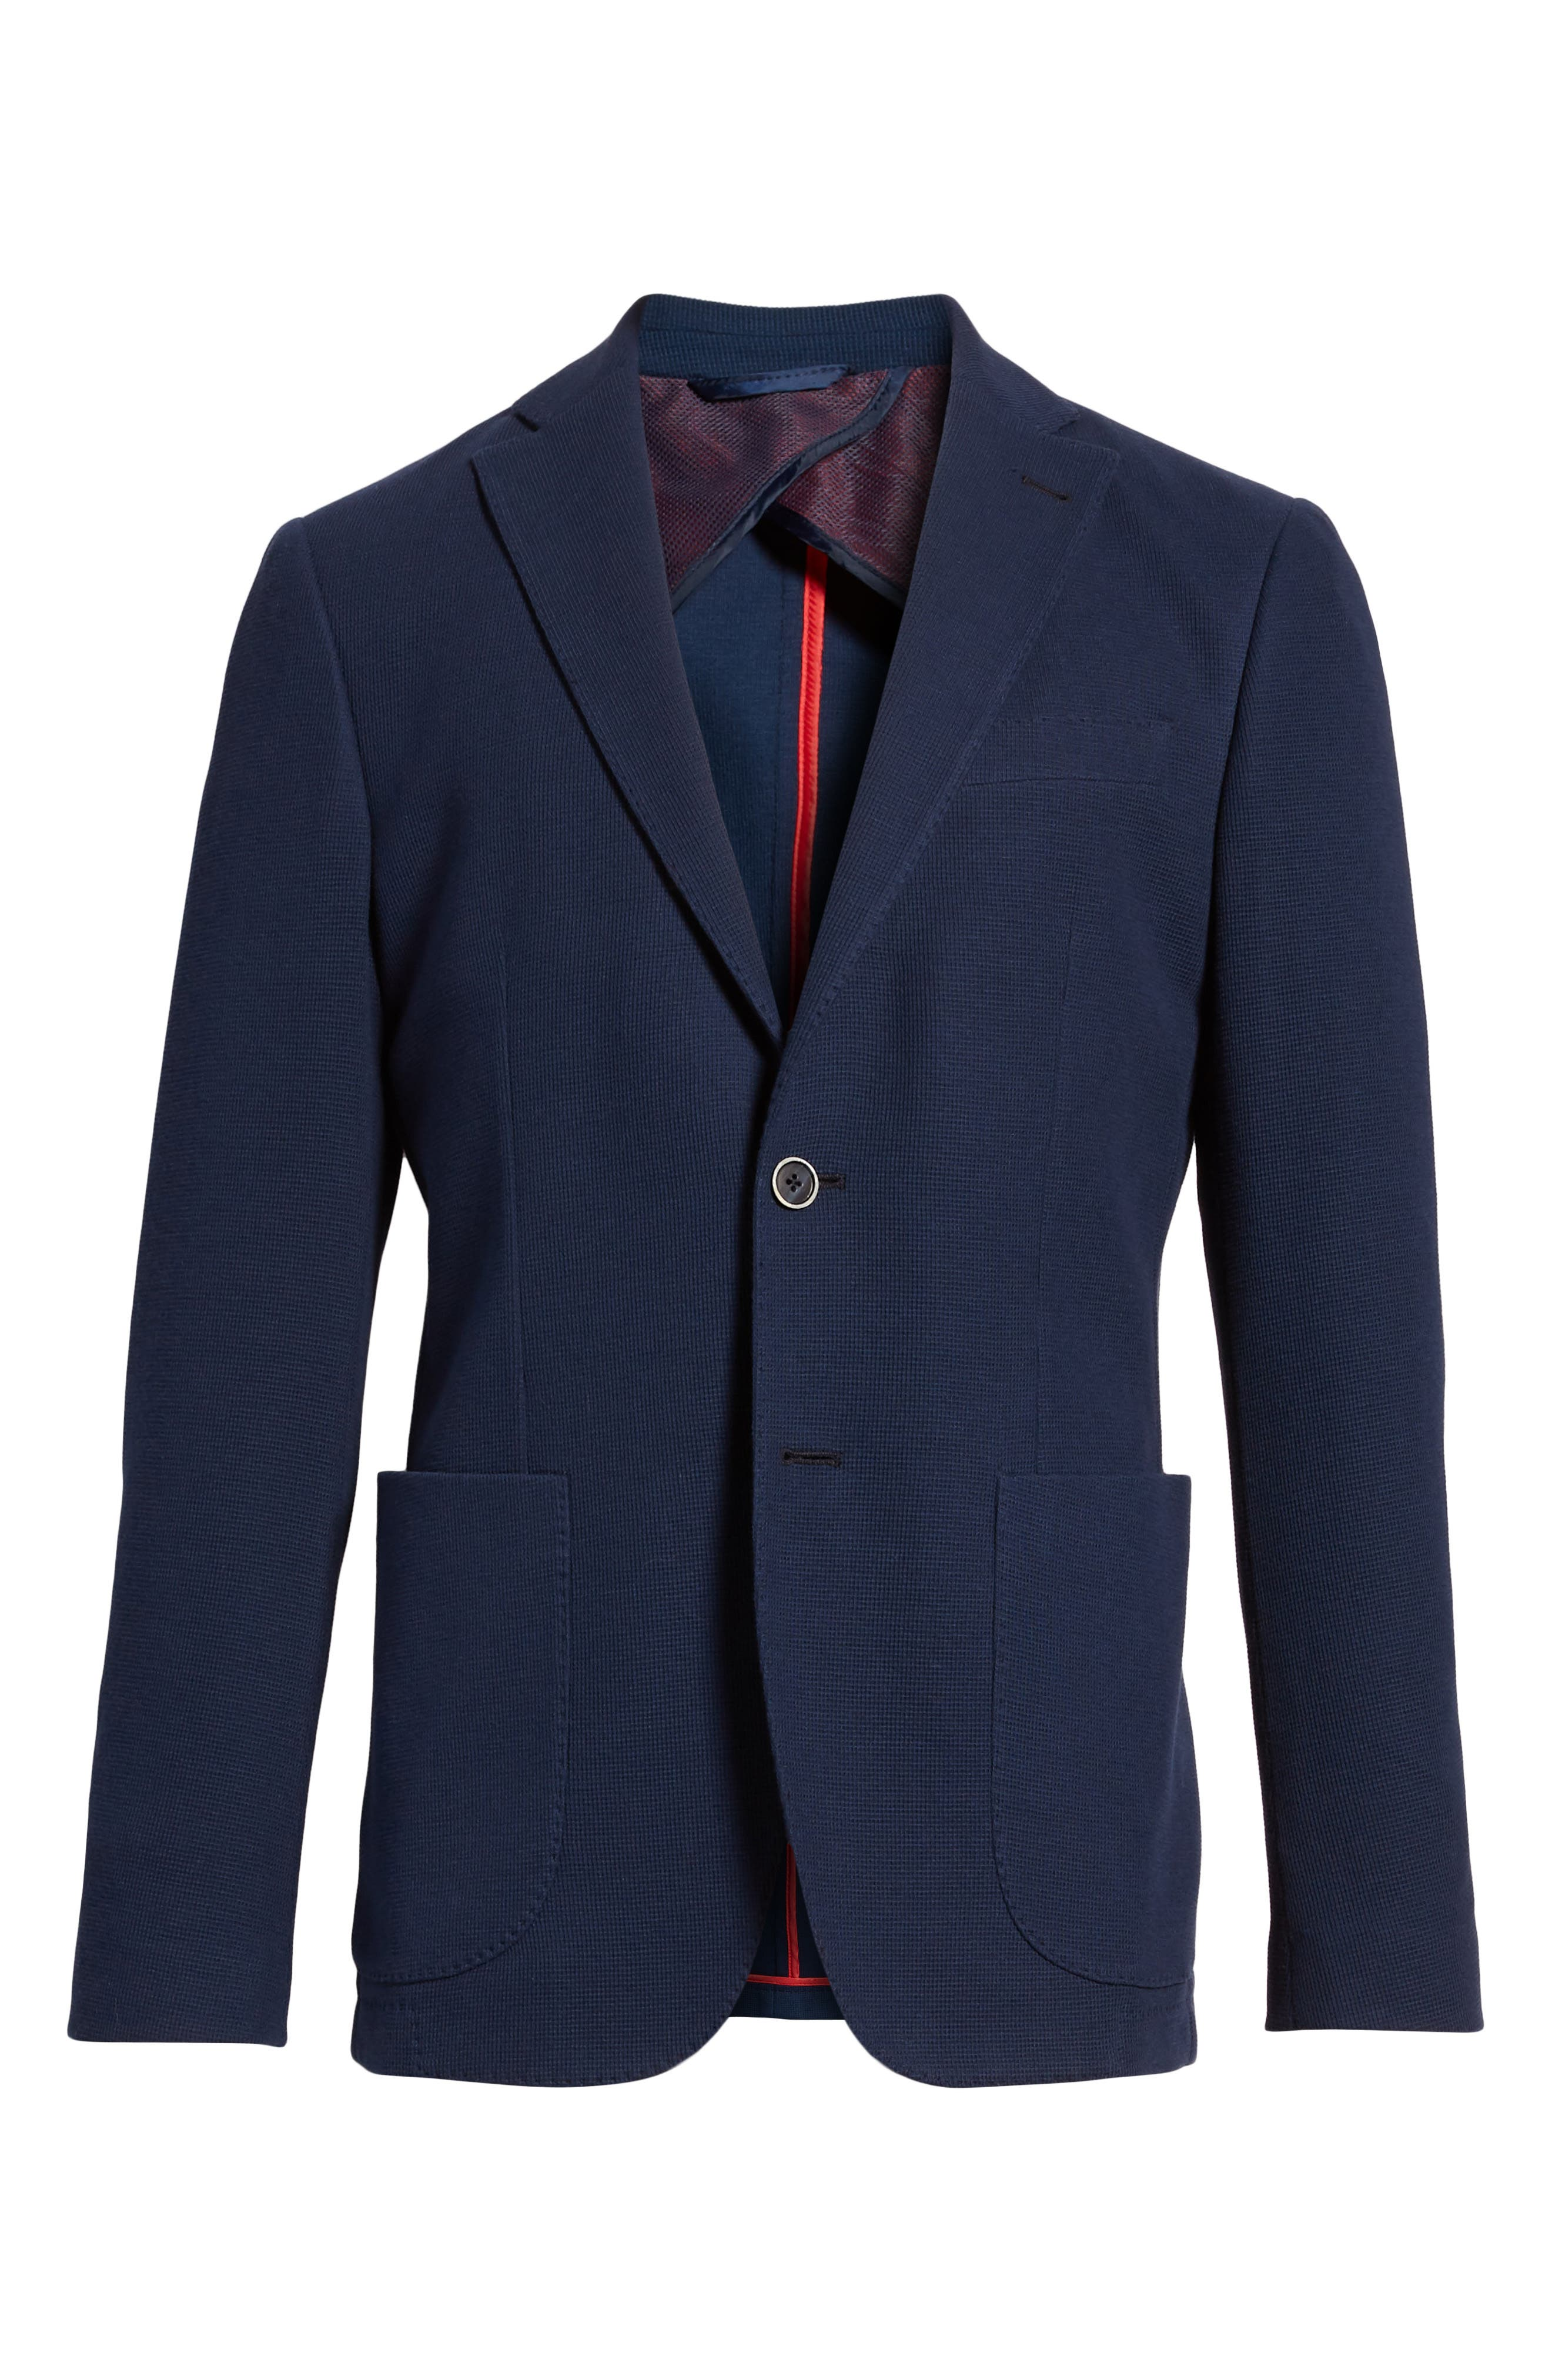 BUGATCHI,                             Regular Fit Cotton Piqué Blazer,                             Alternate thumbnail 5, color,                             411